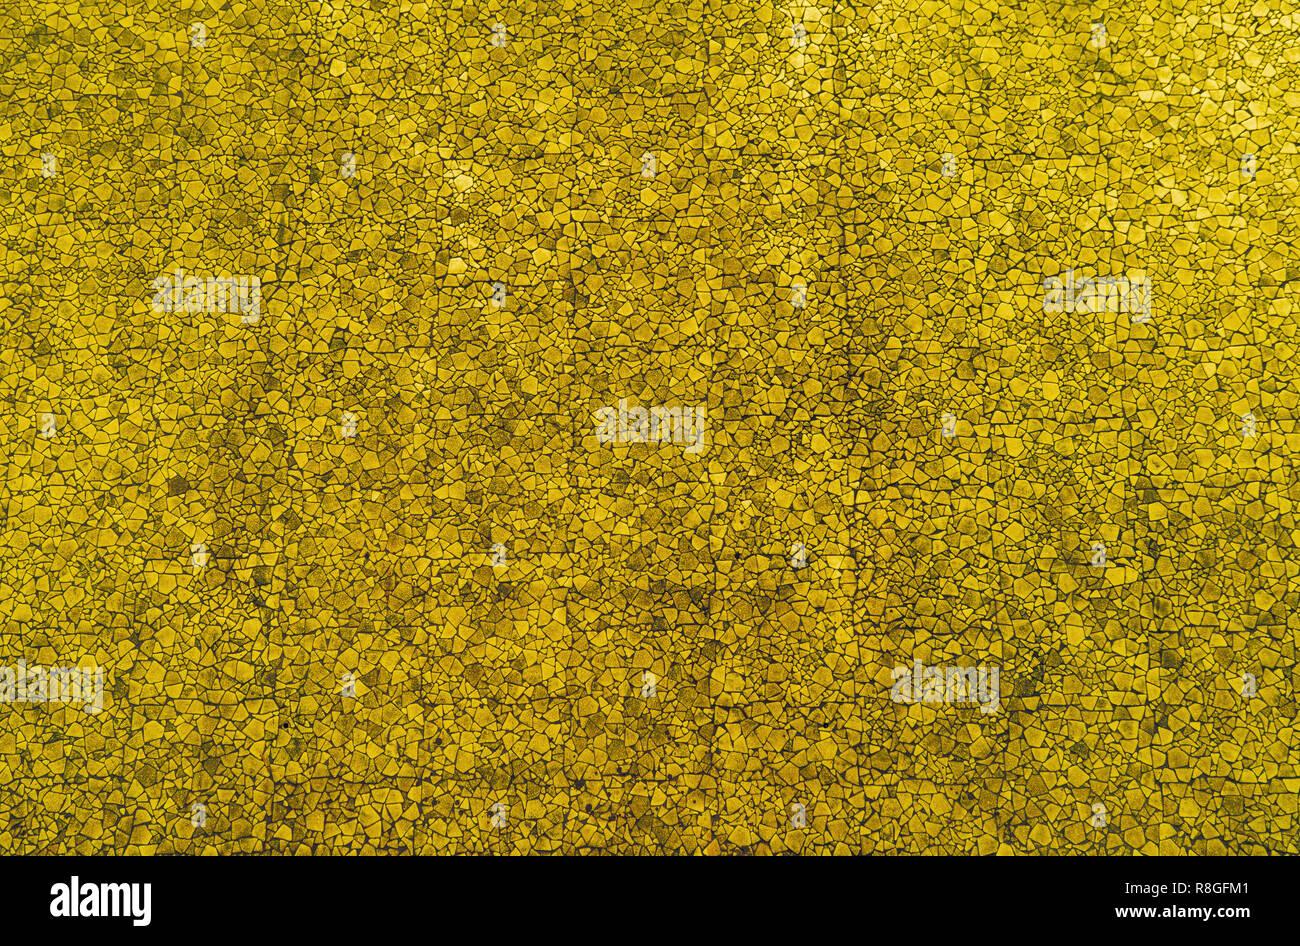 Primo piano di una Golden mosaici colorati muro di pietra utilizzabile come sfondo decorativo, di superficie o di consistenza. Immagini Stock